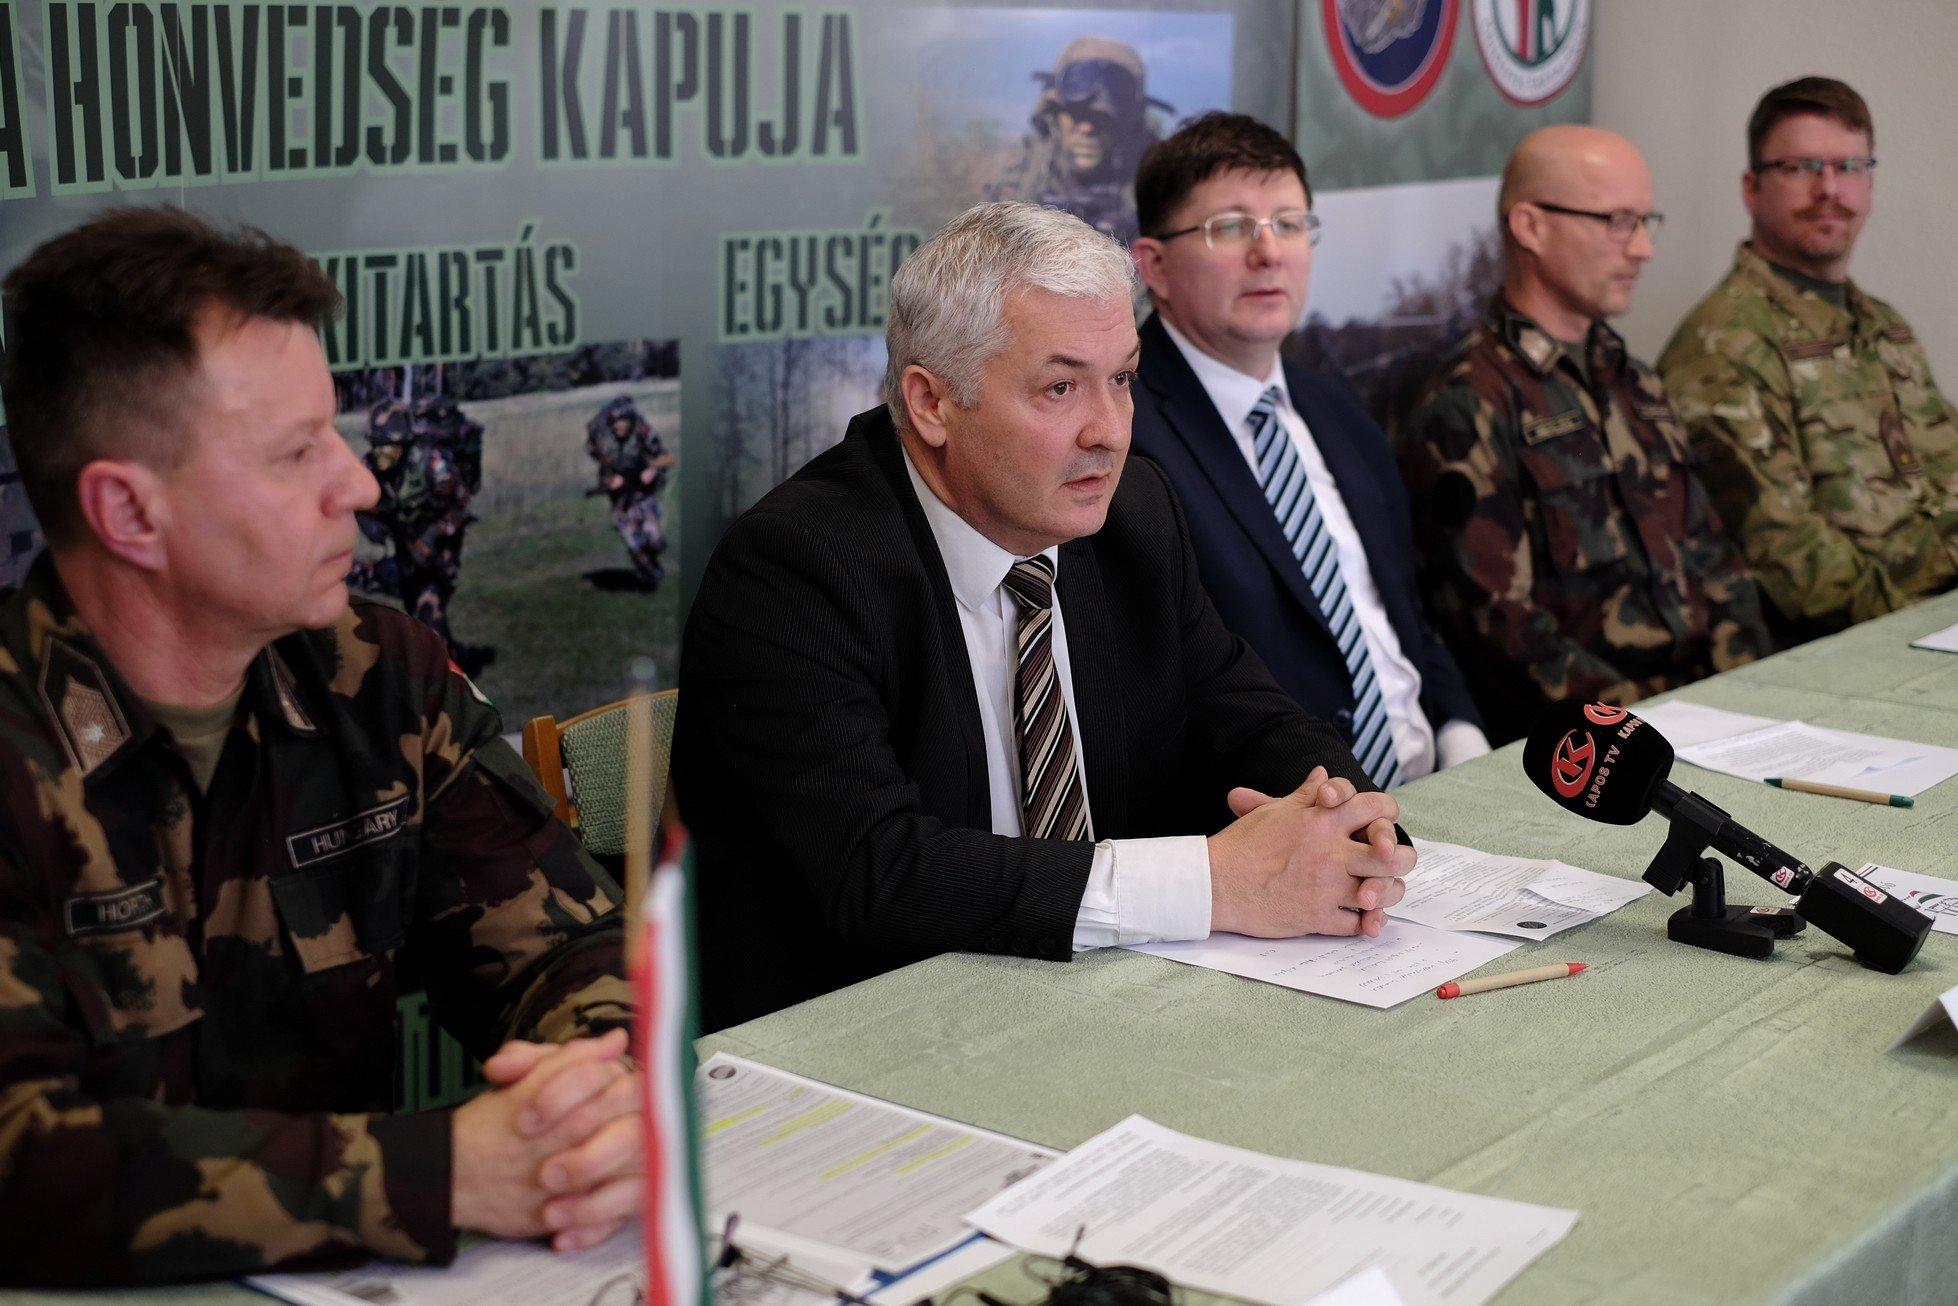 Somogyi fotó- és rajzpályázatot hirdettek a Magyar Honvédség tiszteletére